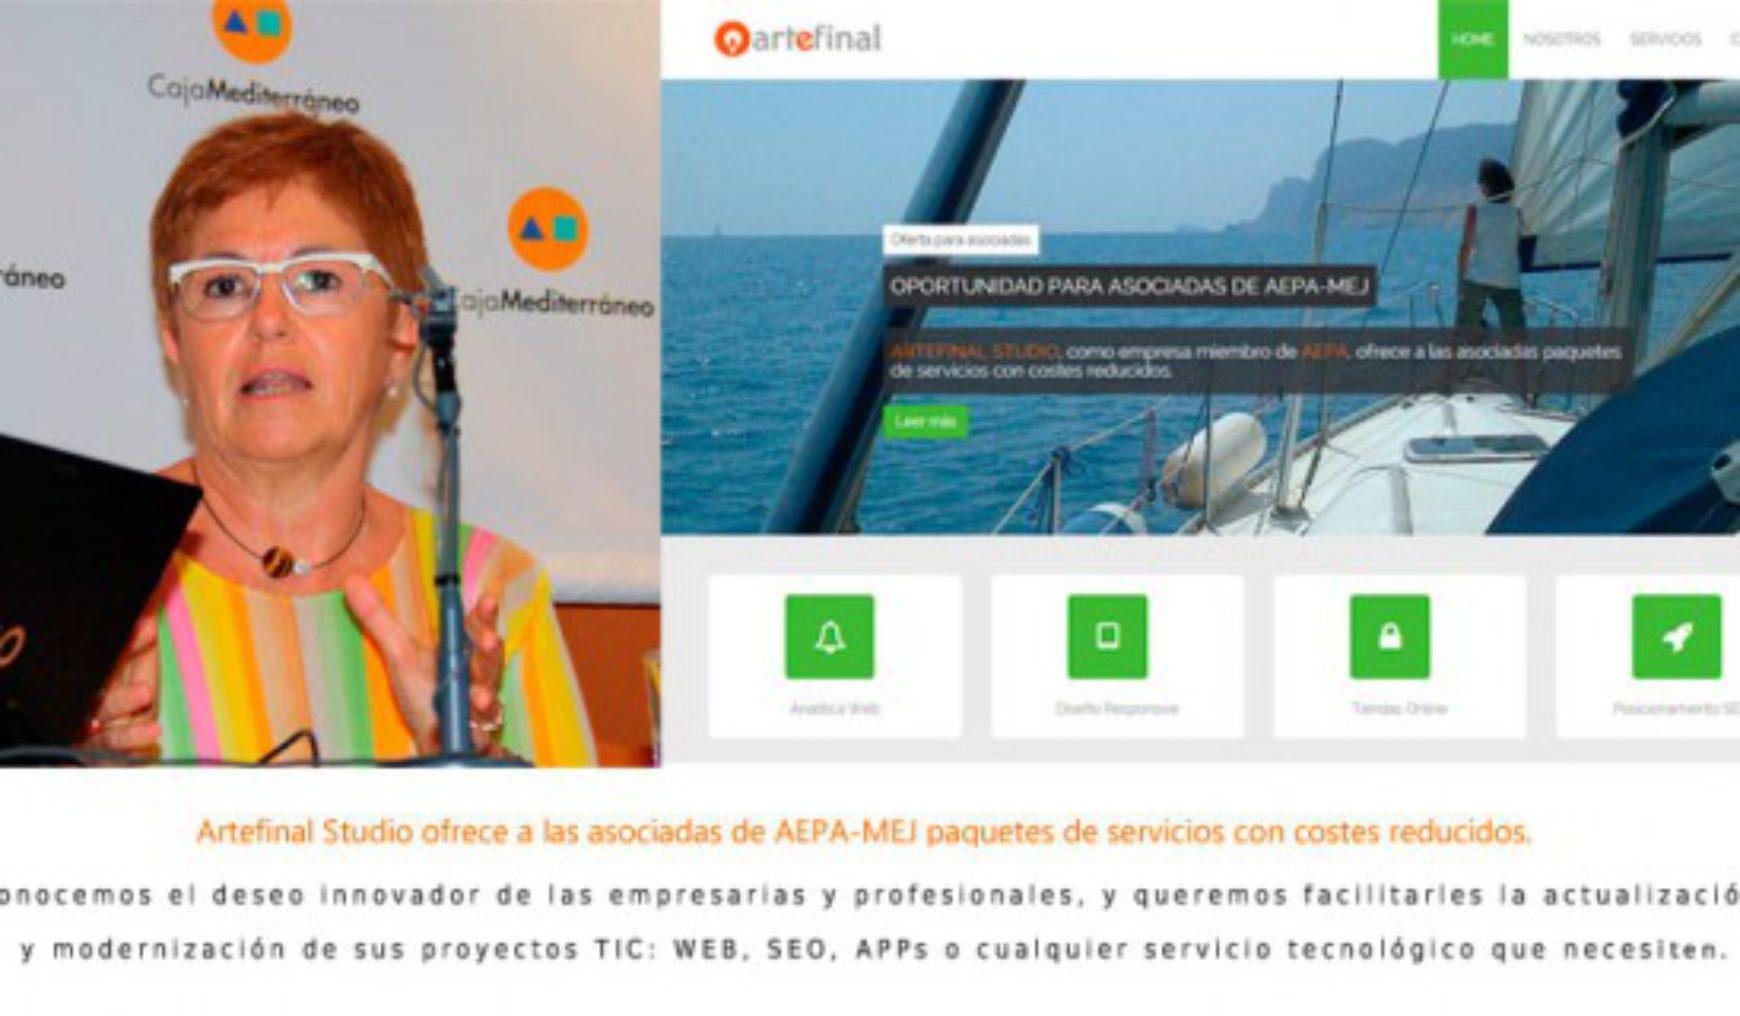 ArteFinal ofrece condiciones especiales a las asociadas AEPA